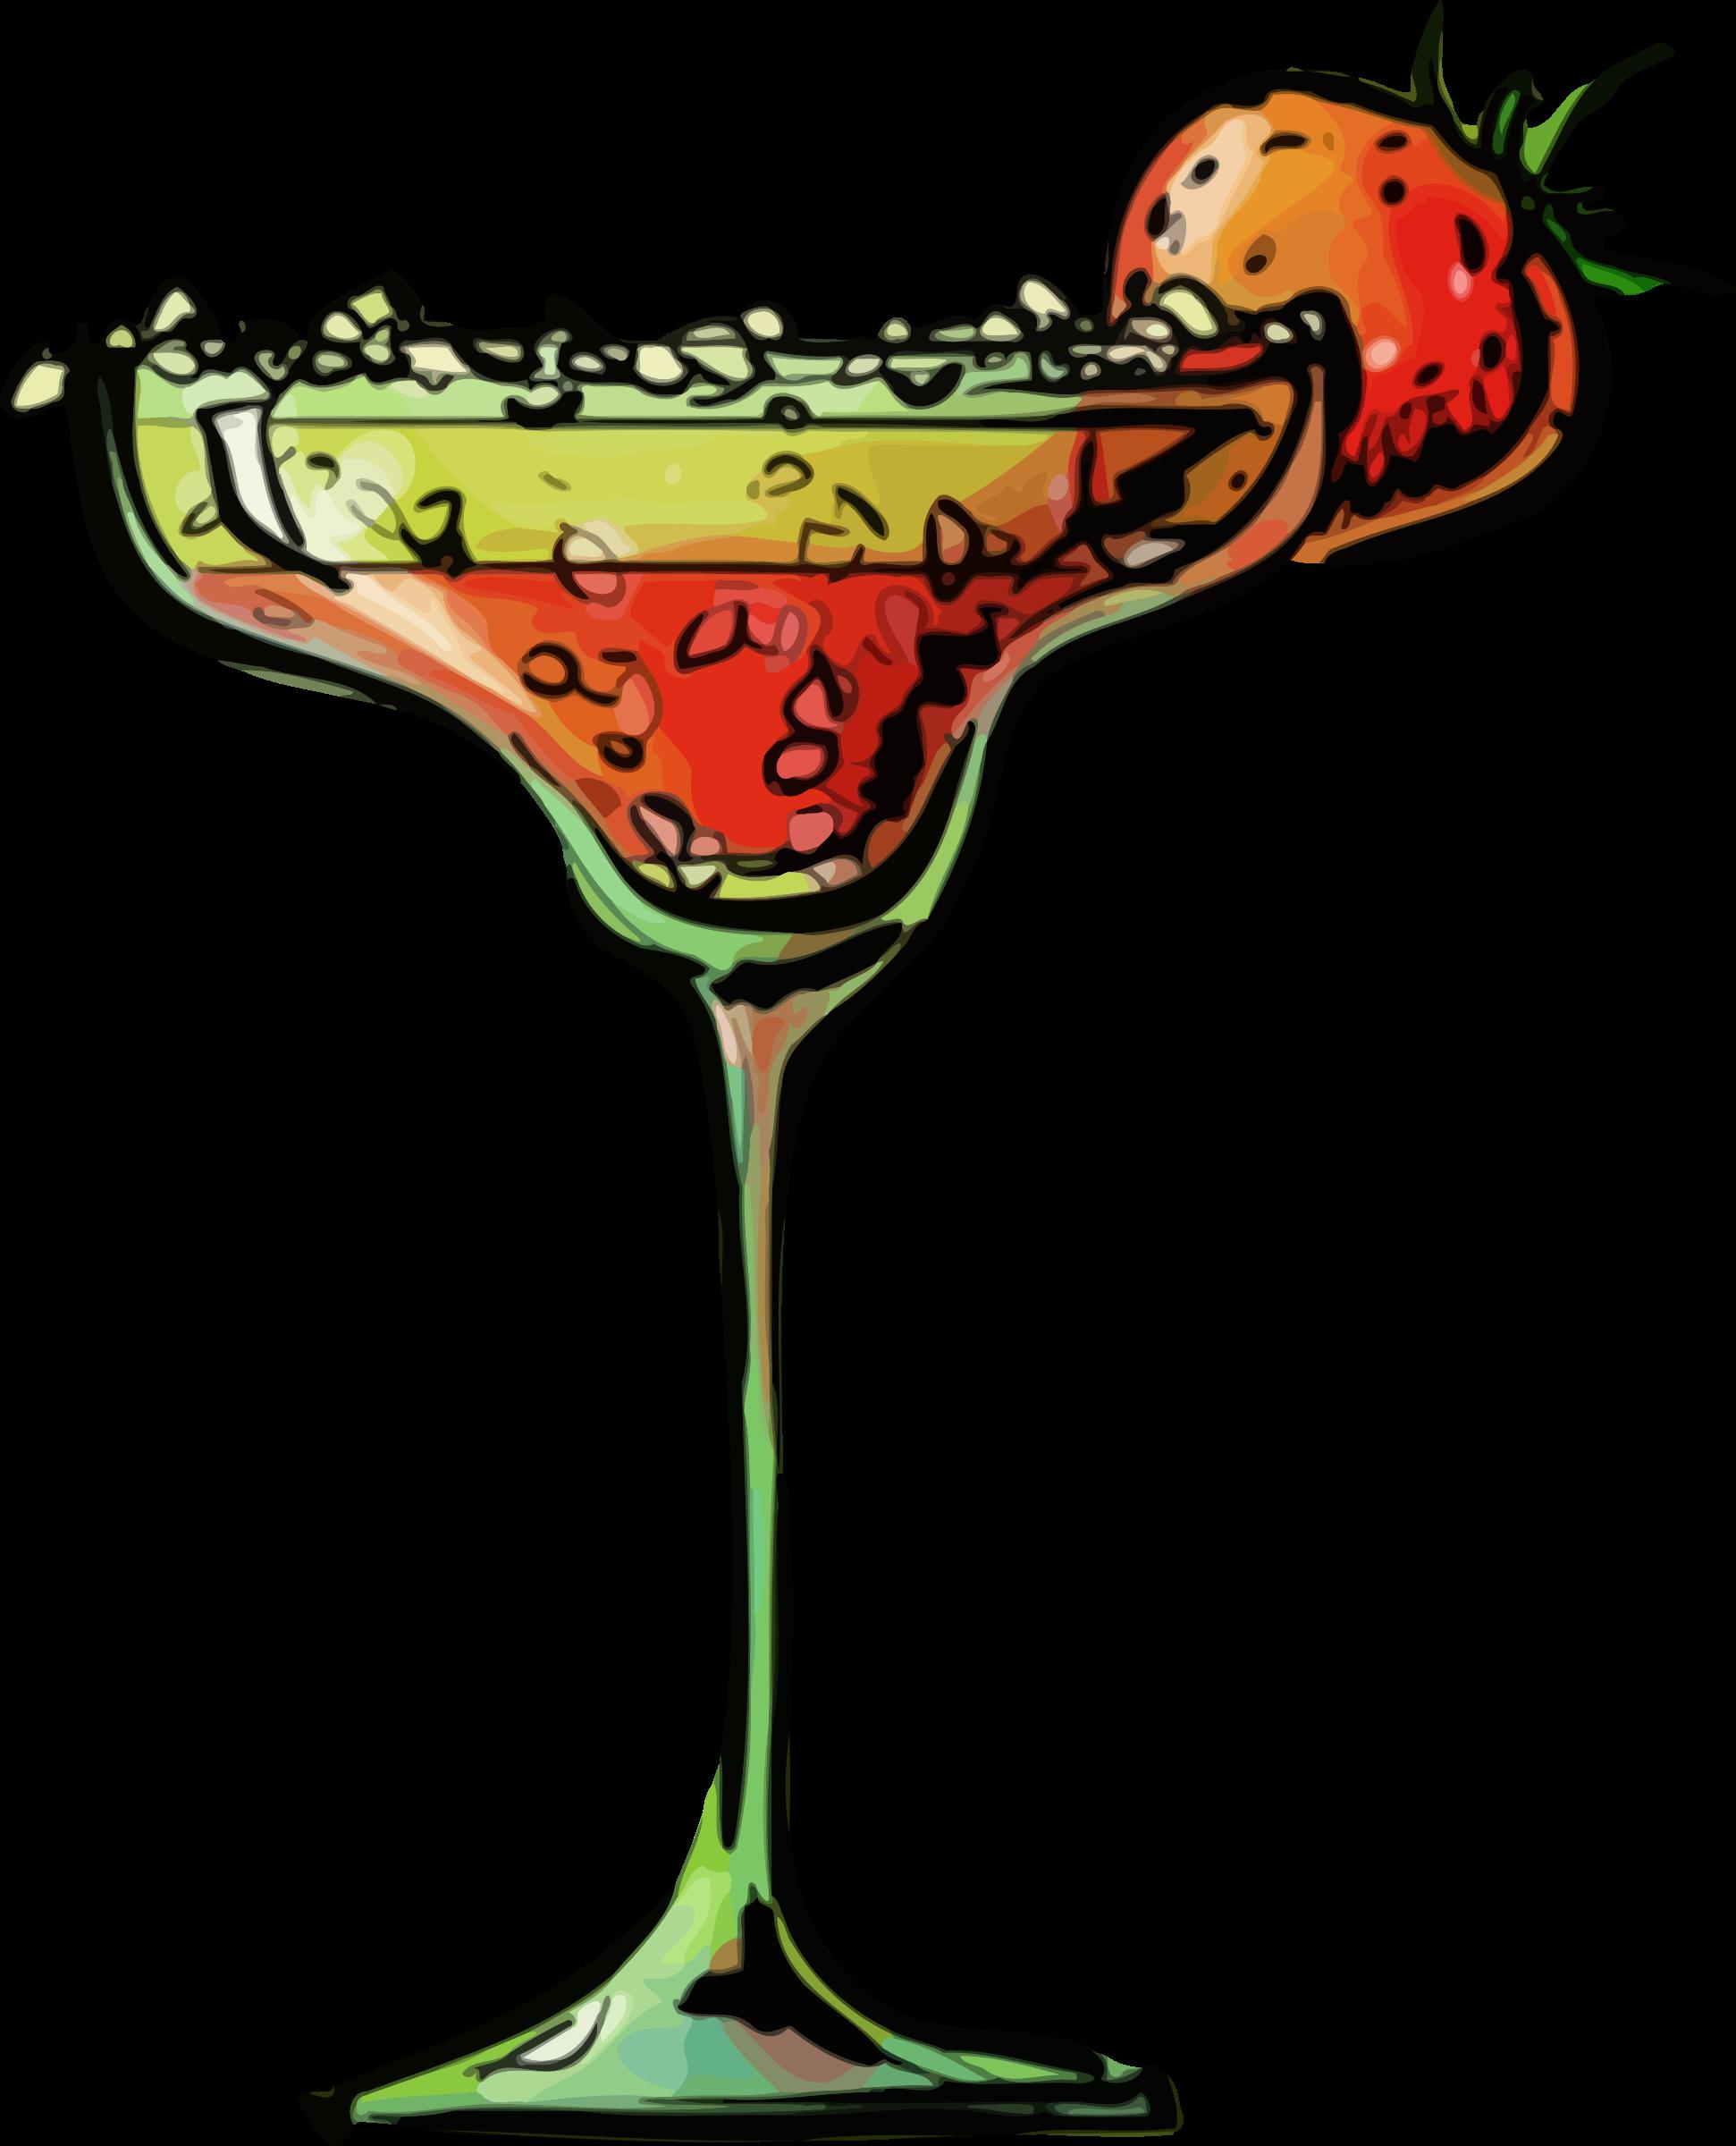 strawberry daiquiri clipart 10 free Cliparts | Download ...